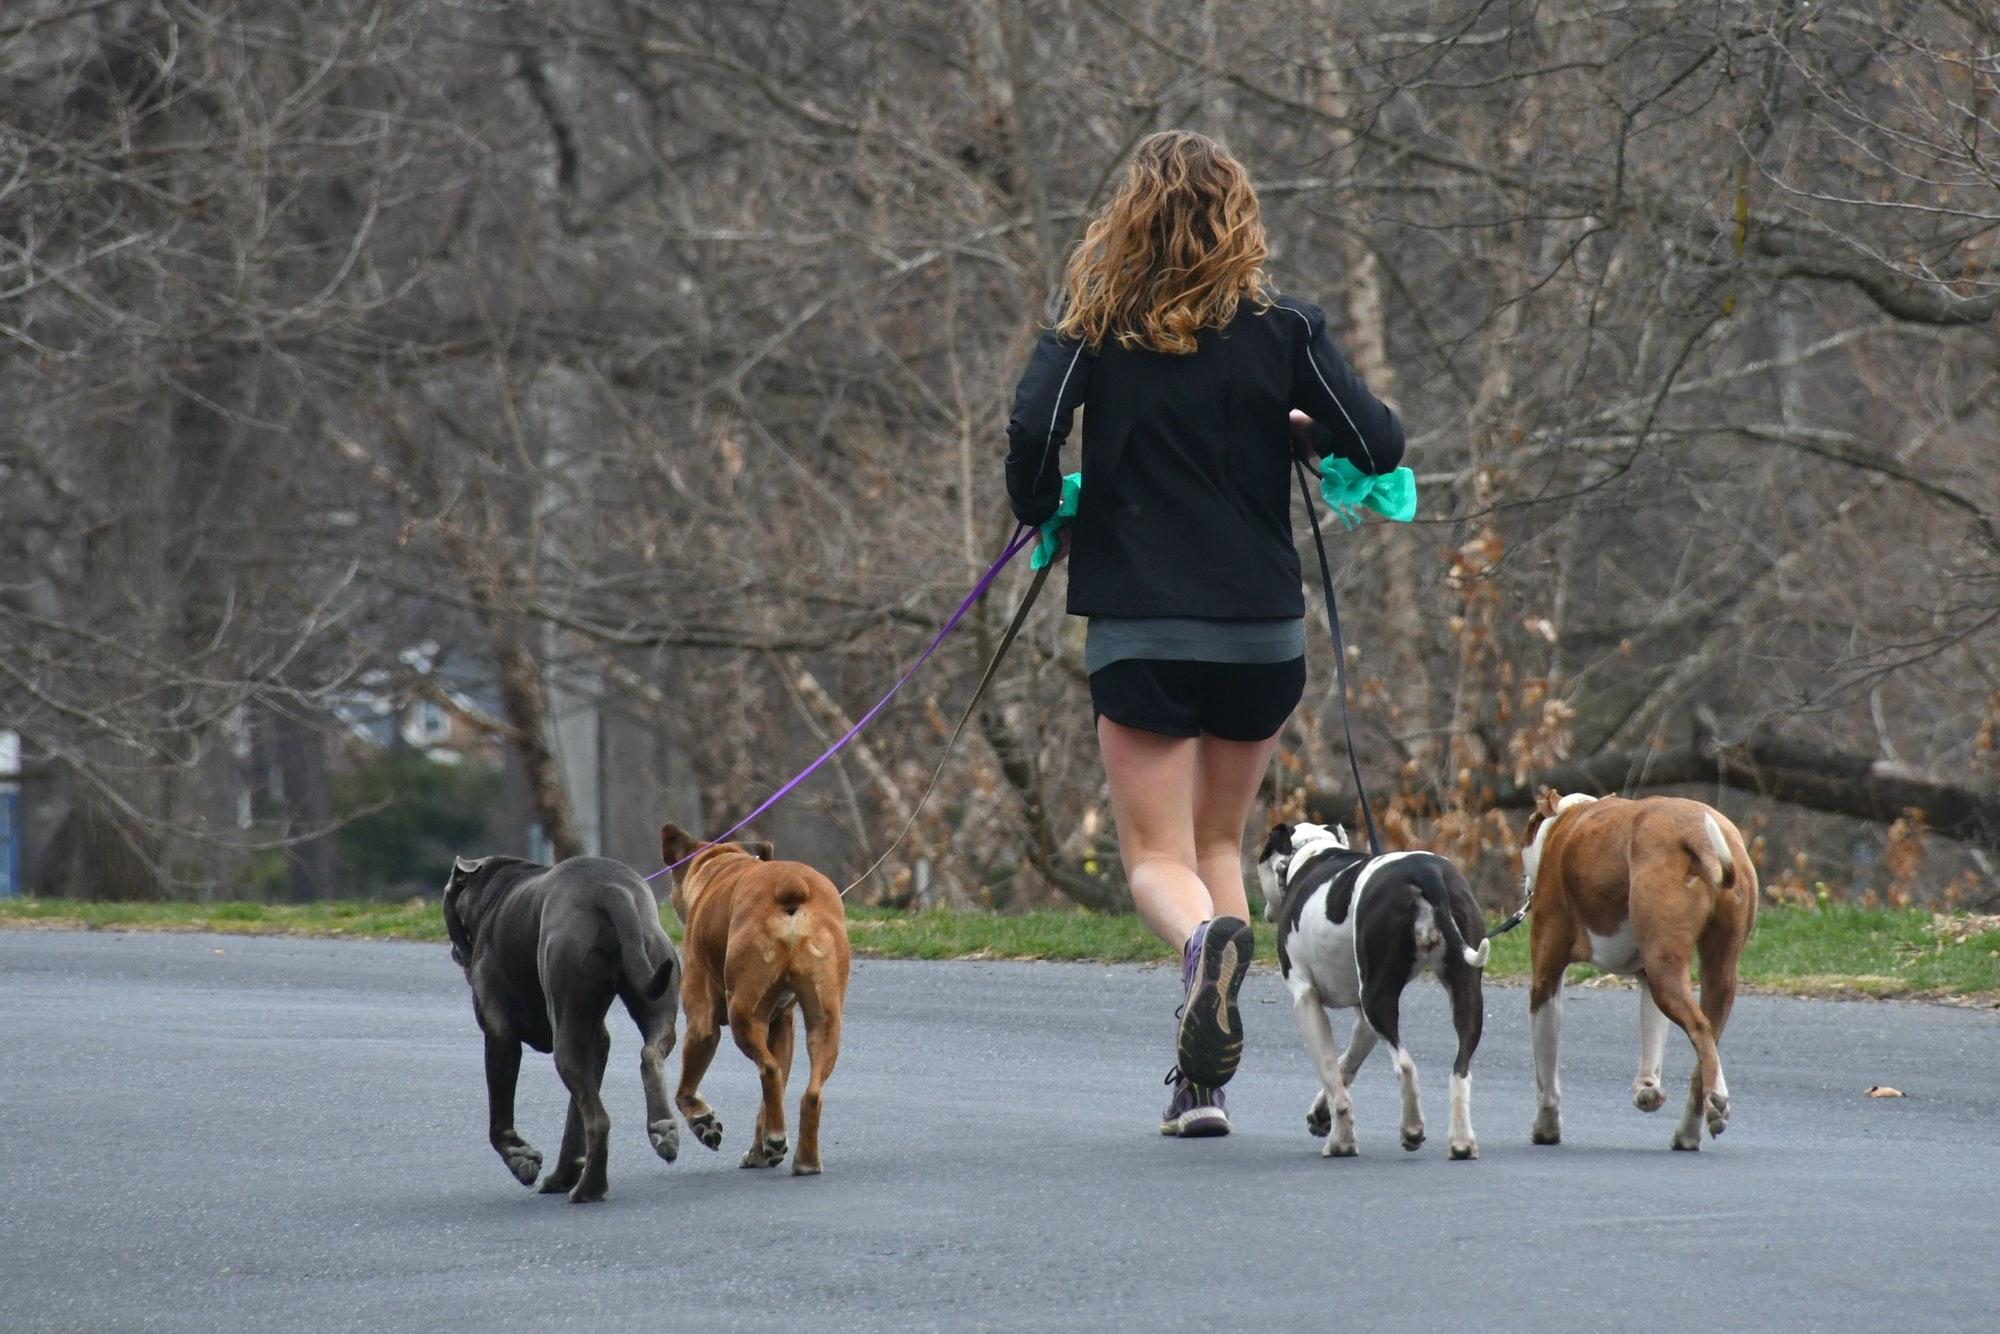 Female jogger runner walking dogs while running for exercise. Dog walker